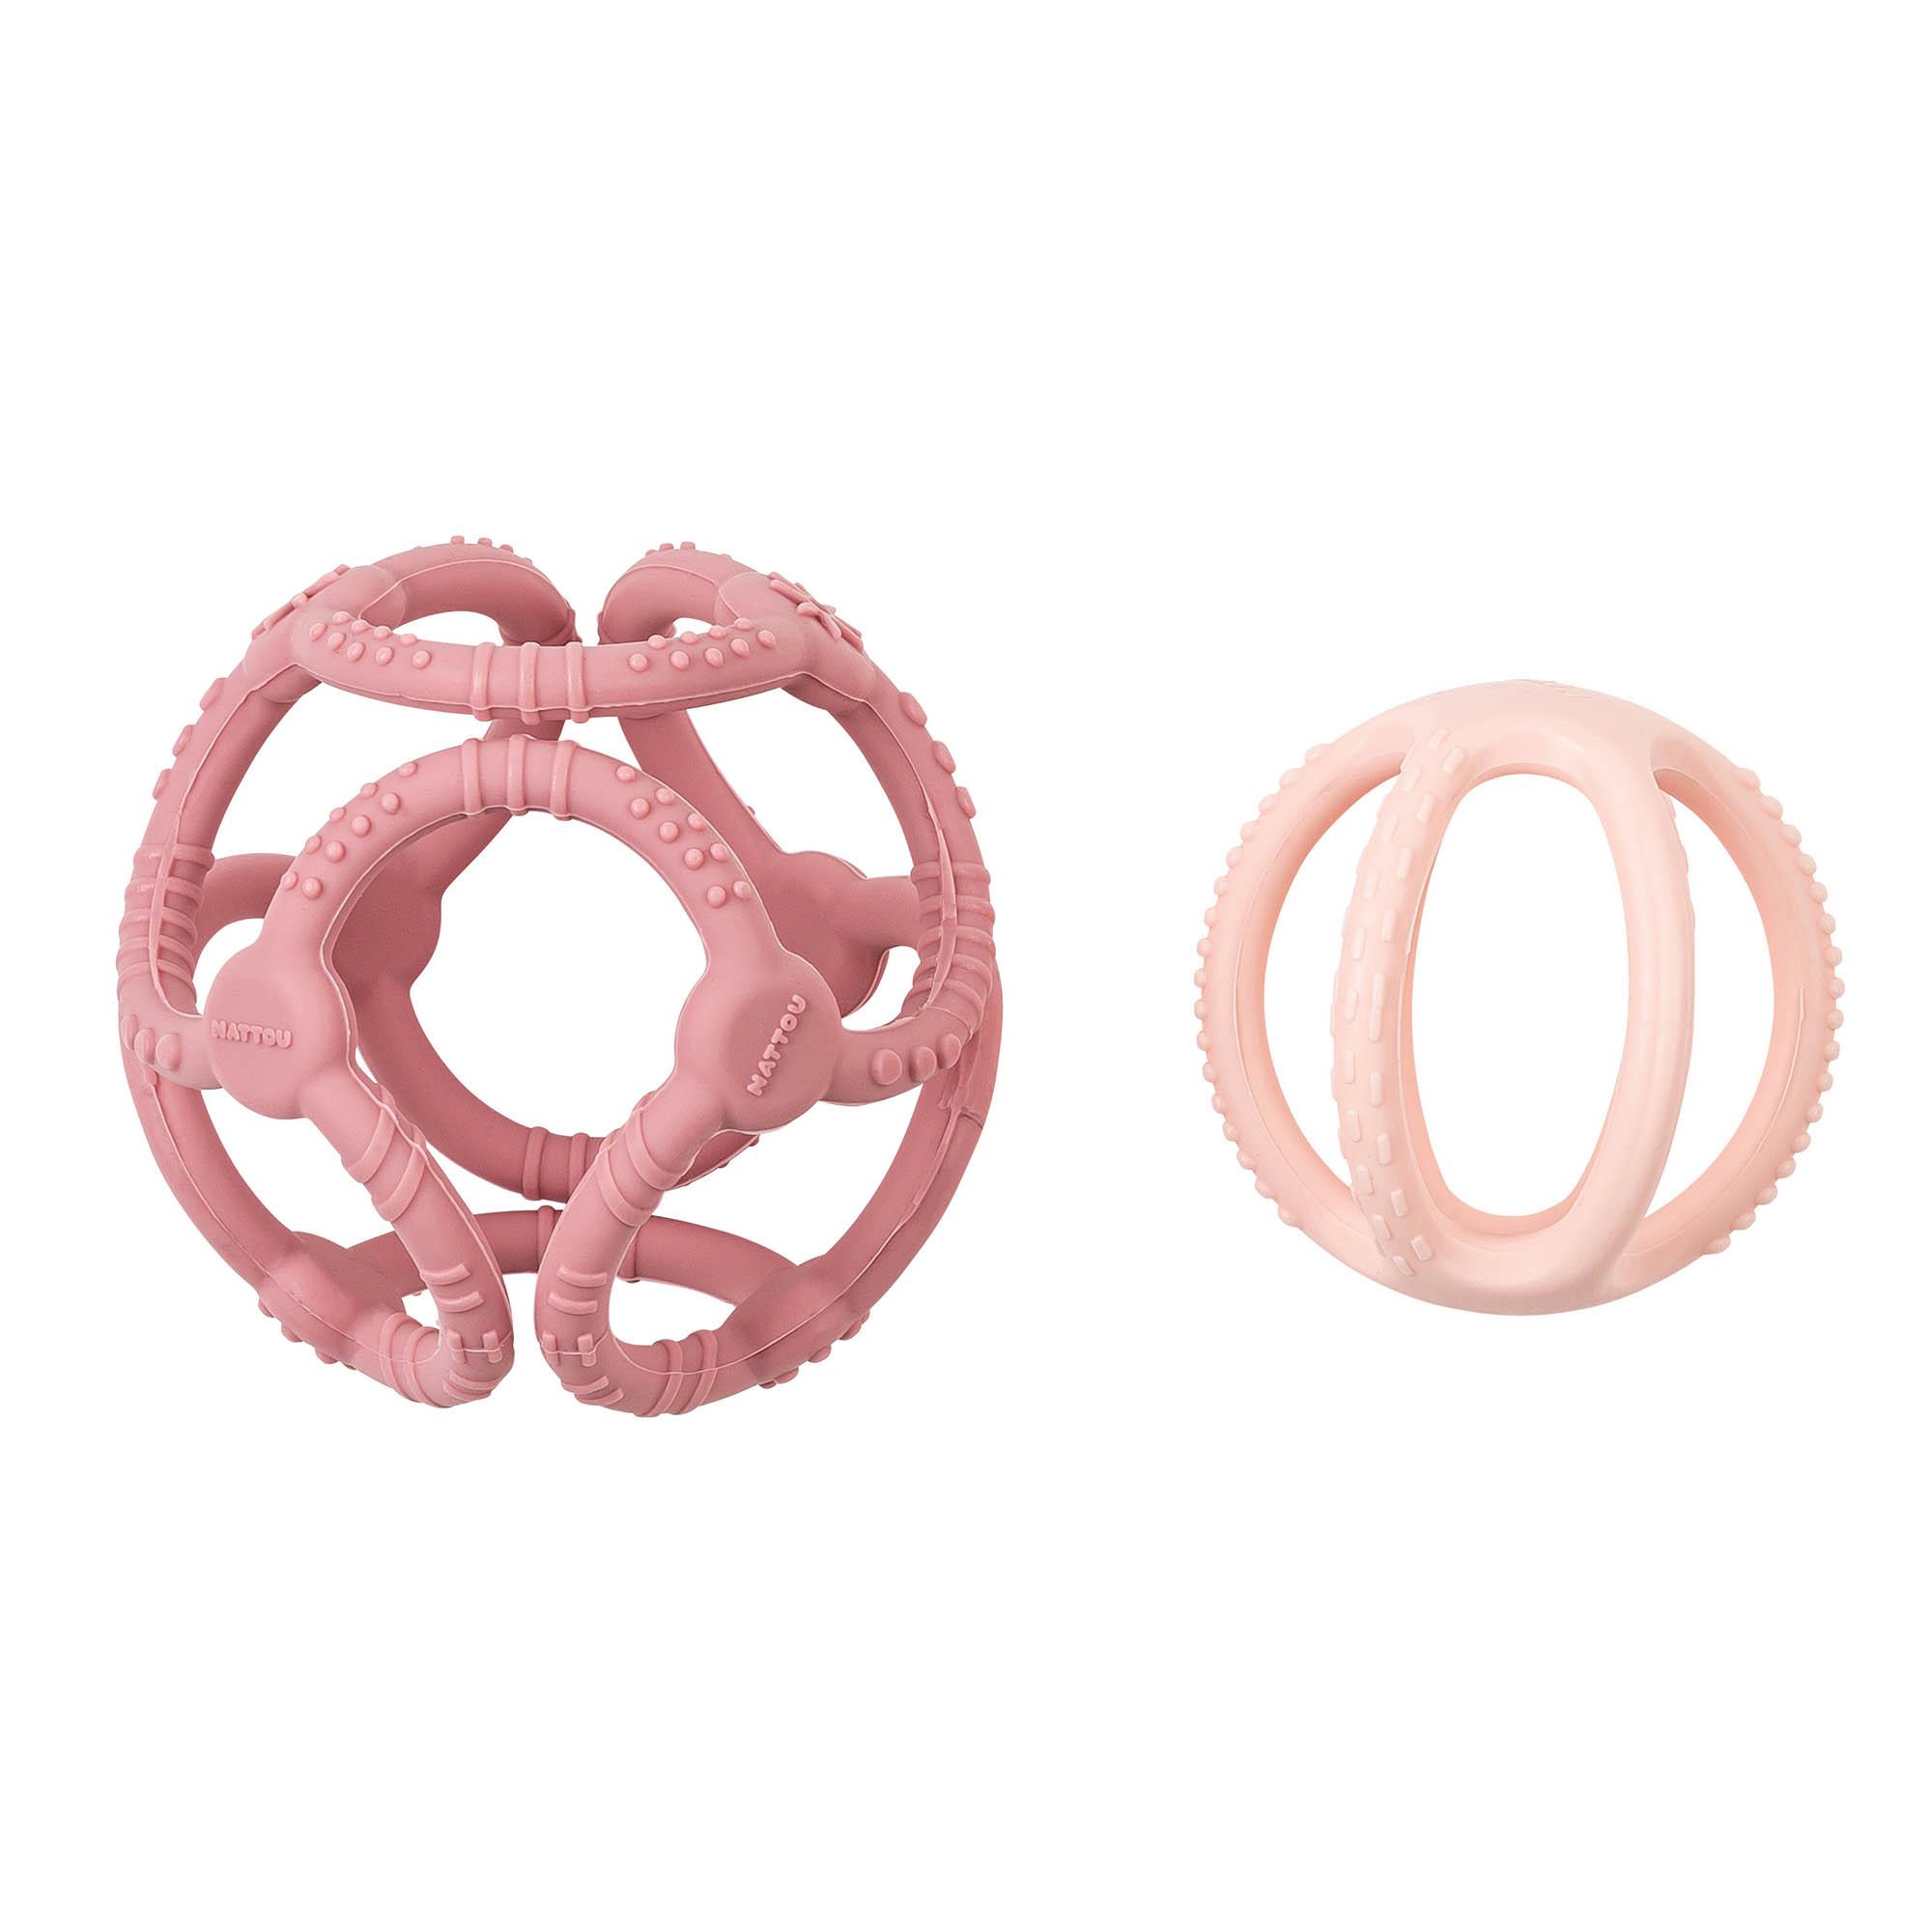 SILICON set de 2 balles en silicone ROSE Nattou